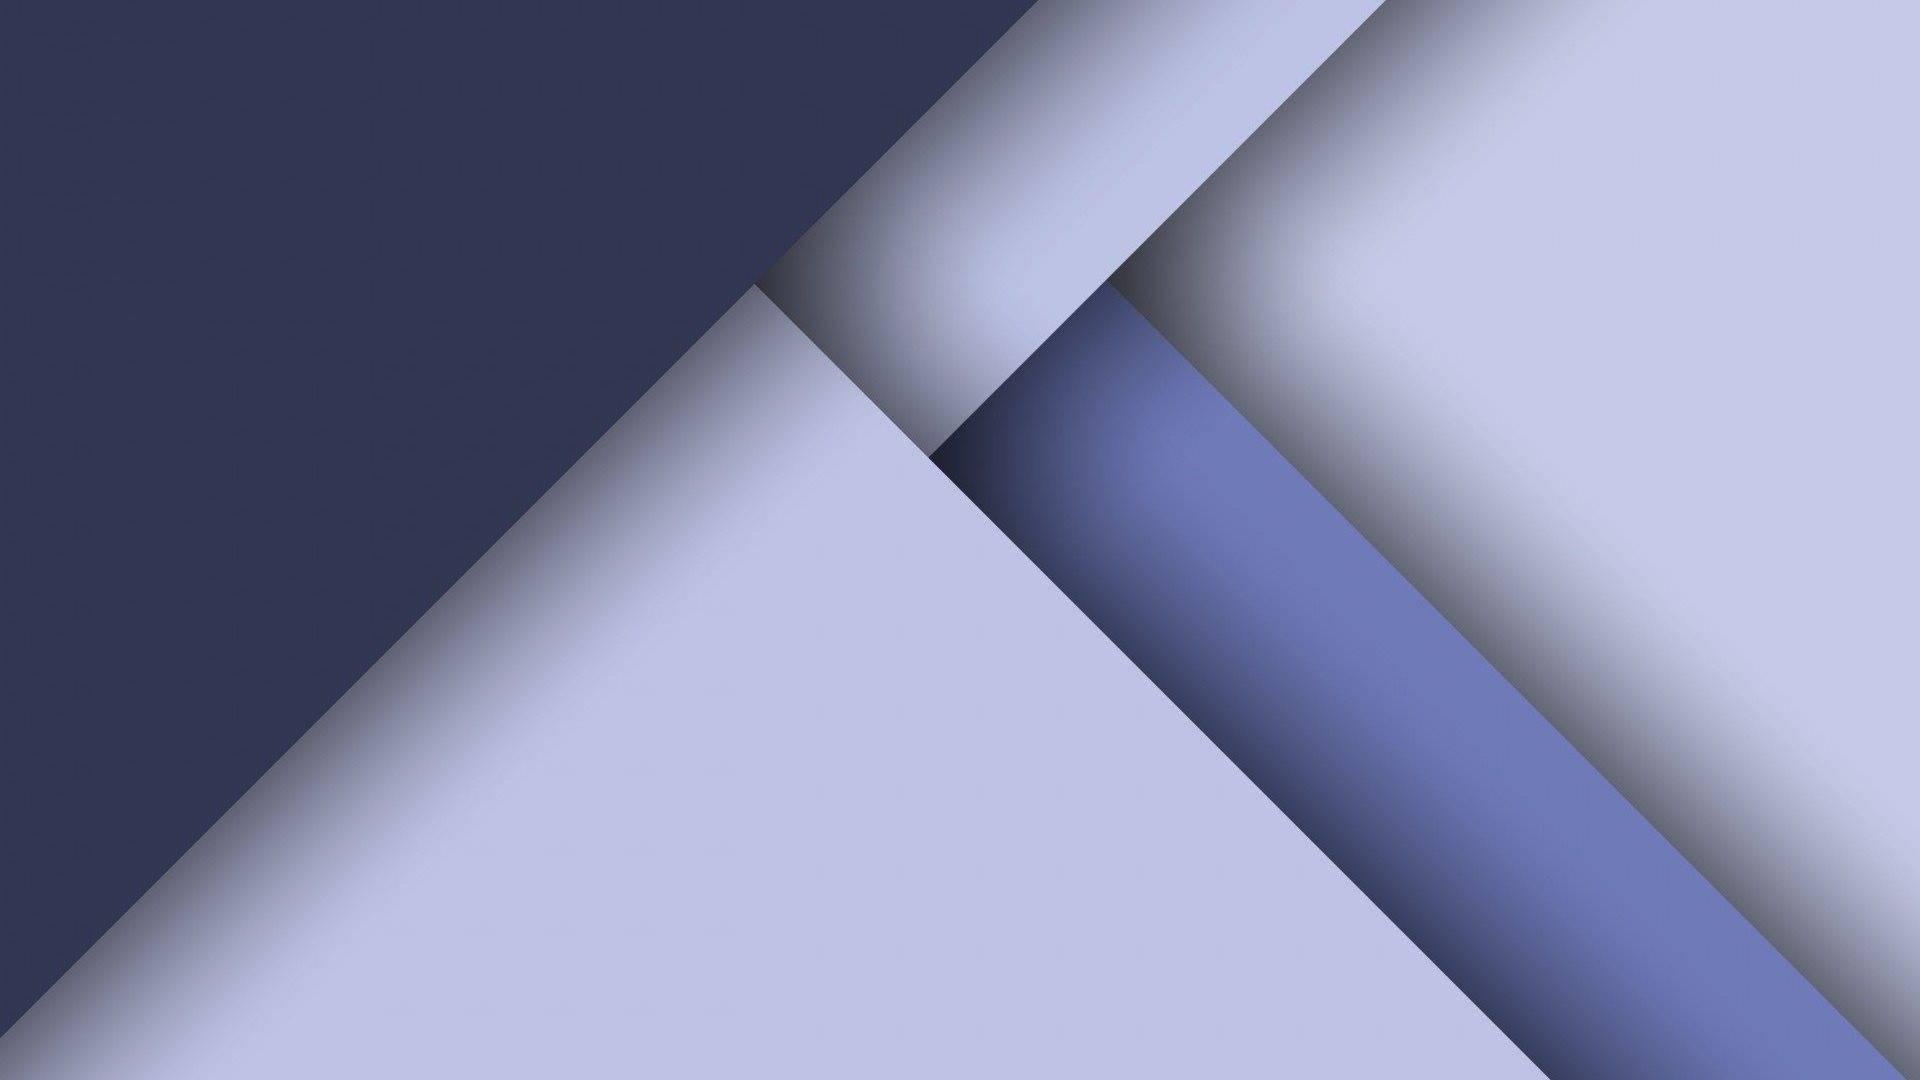 обои фон, материал, синий картинки фото